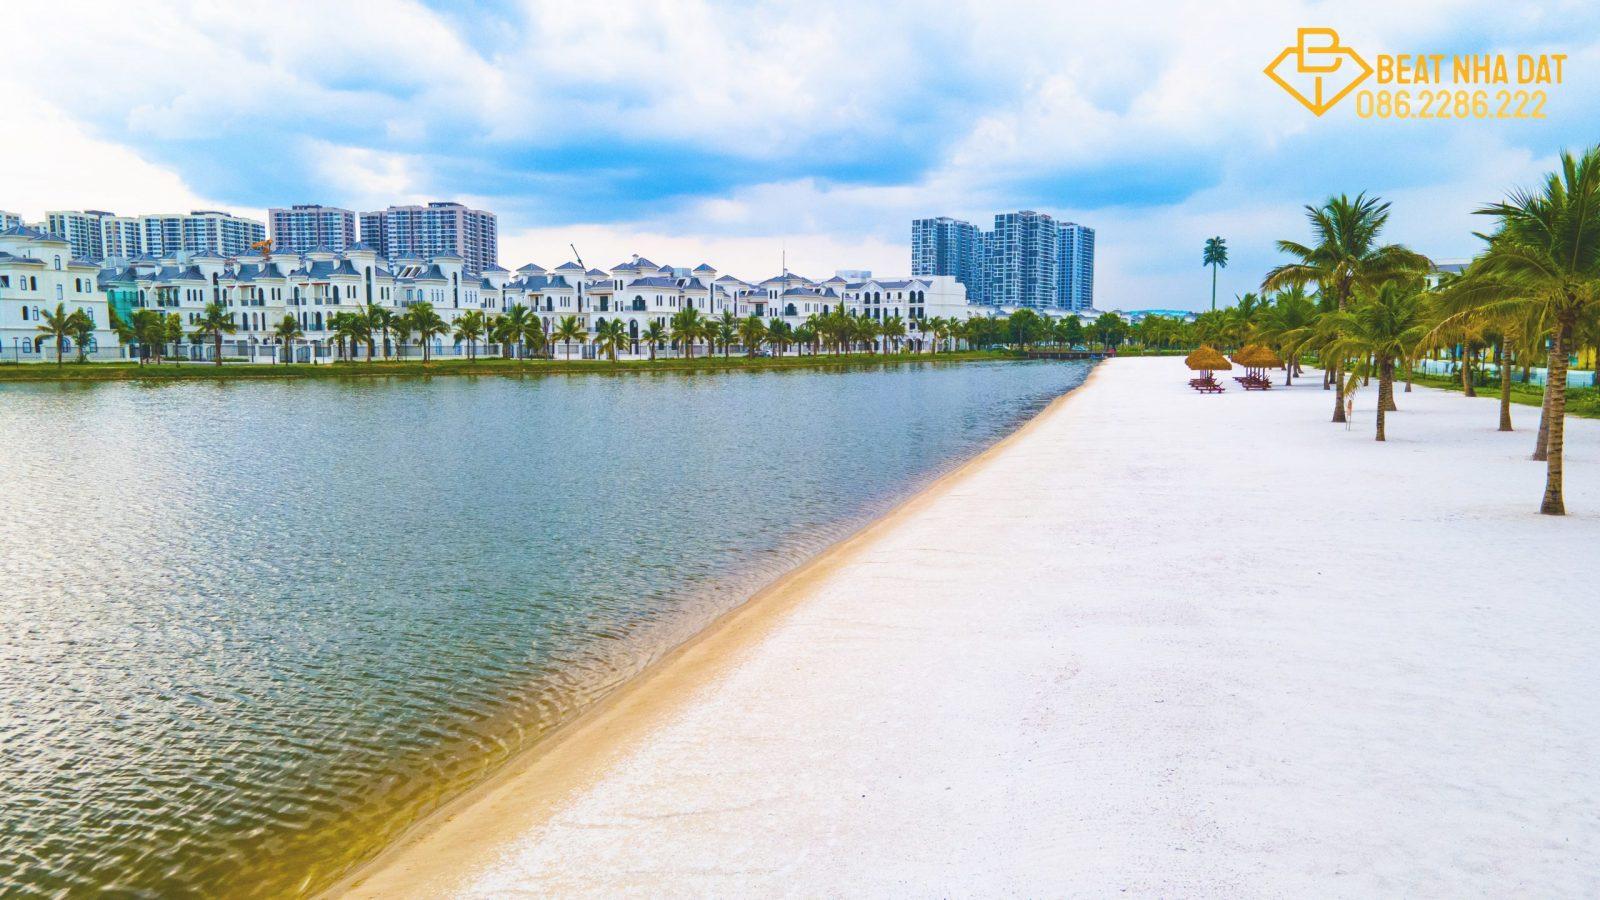 Biệt thựđơn lập Ngọc Trai Vinhomes Ocean Park